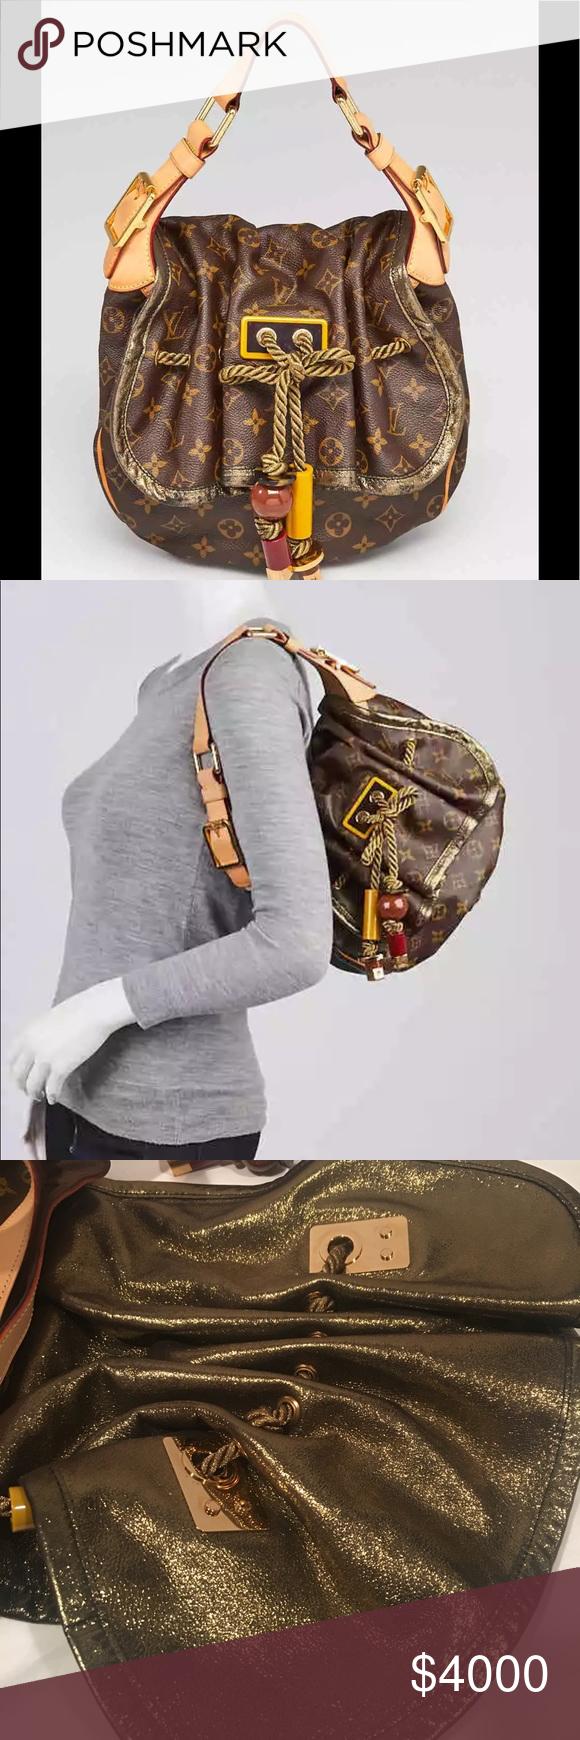 e77c6fb02483 Louis Vuitton GM Kalahari Monogram handbag NEW STUNNING LOUIS VUITTON  MONOGRAM CANVAS WITH GOLD HARDWARE LARGE